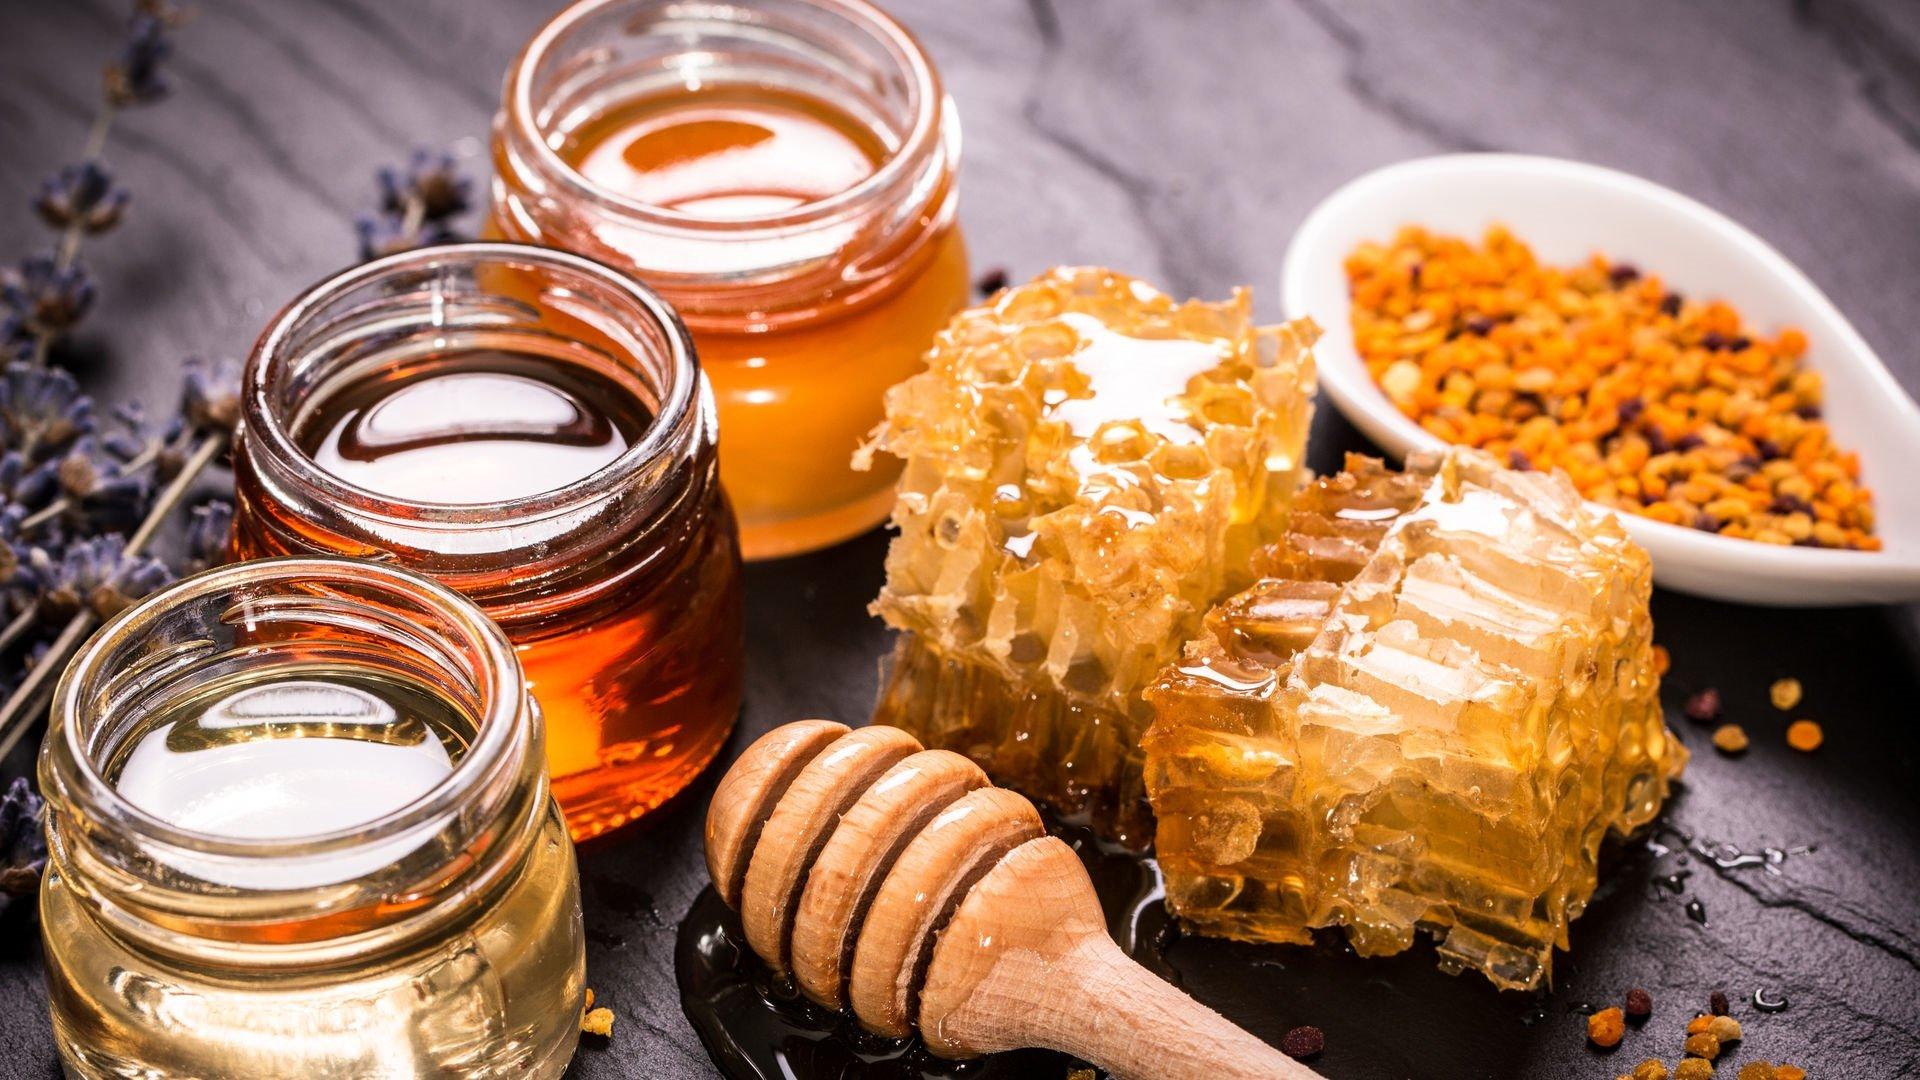 разные виды меда, соты и перга